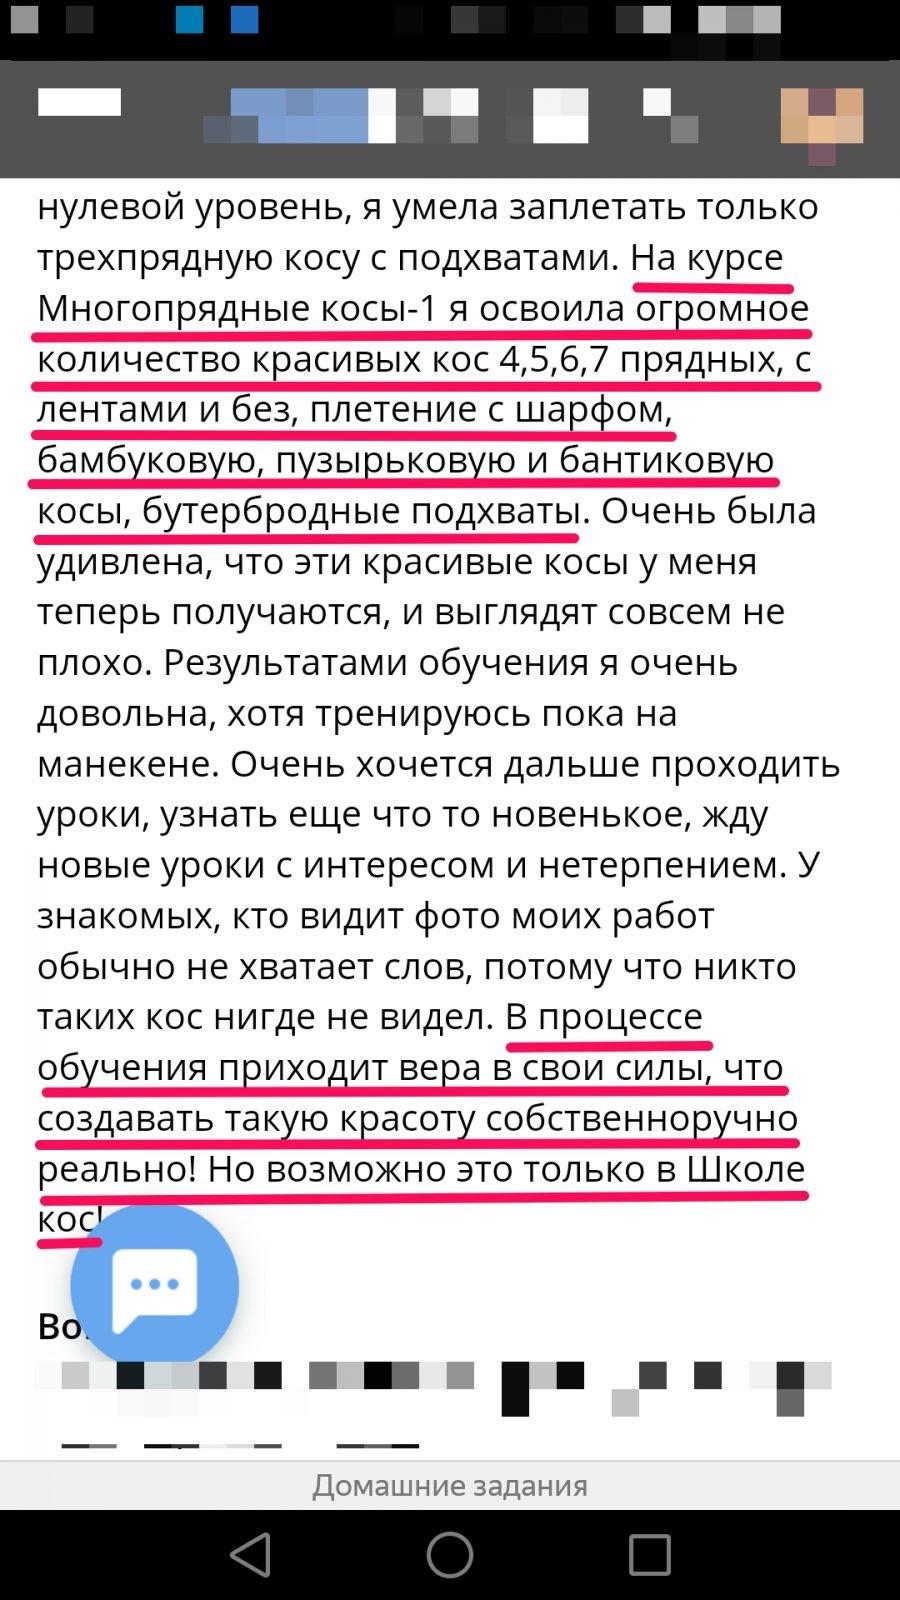 К 2 - Клуб школа кос